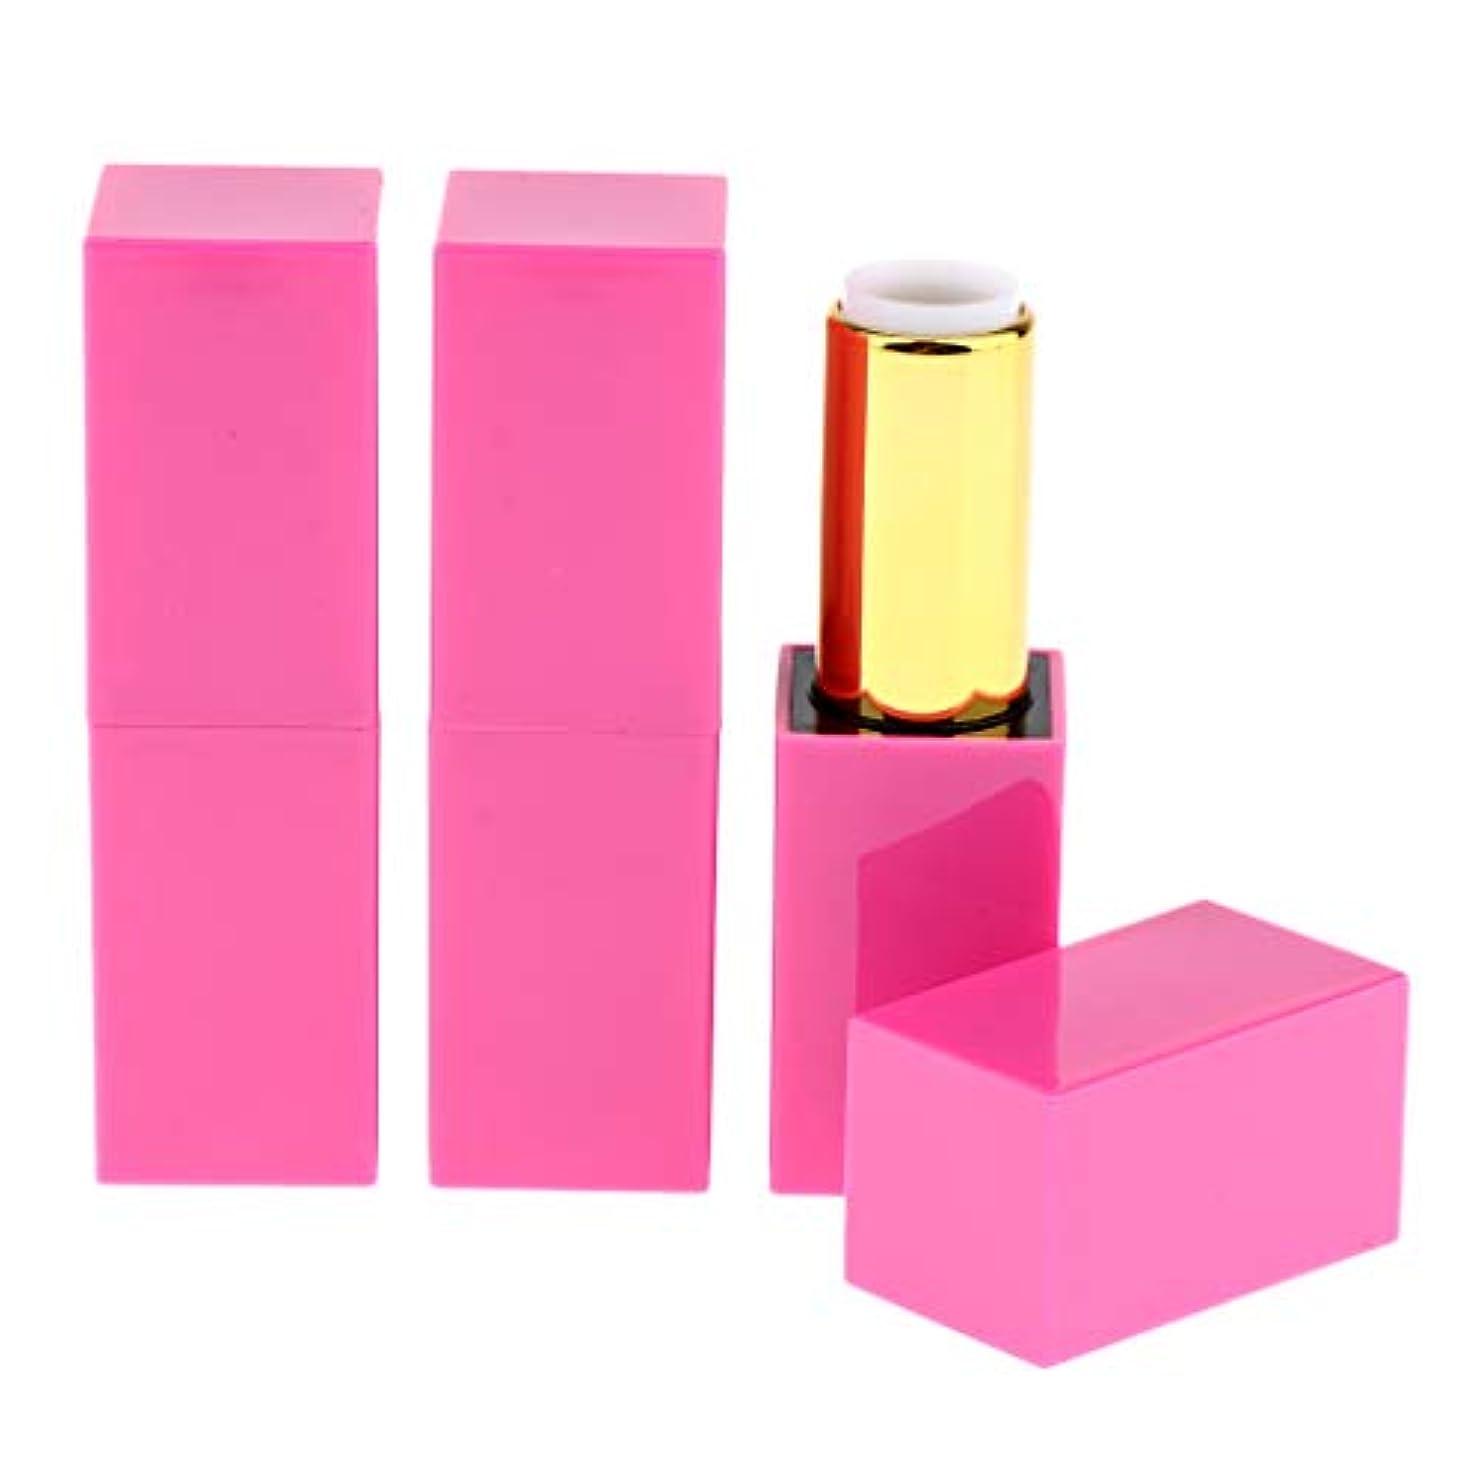 告白する行傑出した3点入り 化粧チューブ 空の口紅チューブ リップグロスチューブ リップクリーム容器